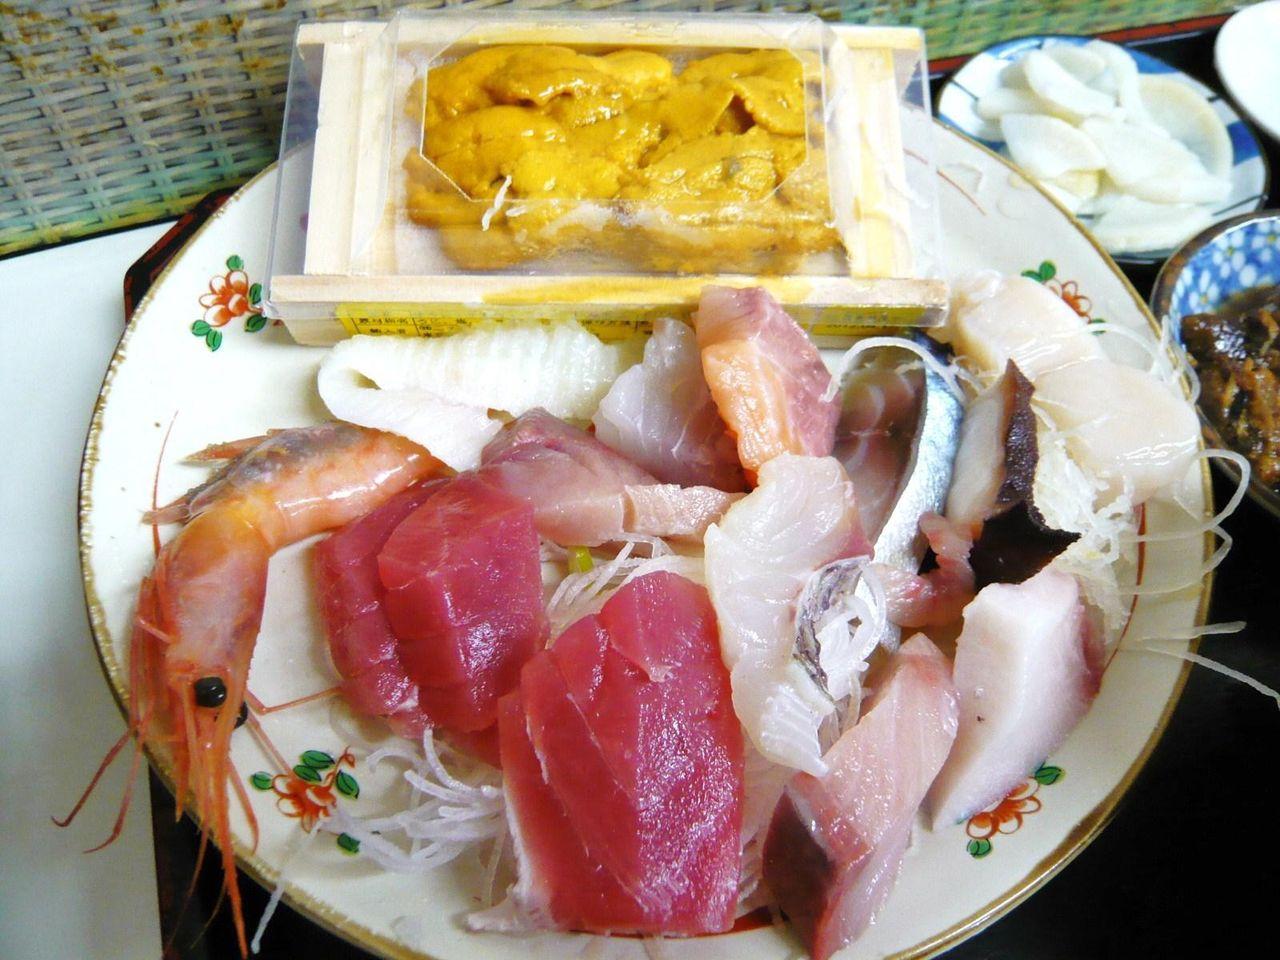 刺身とウニ1箱で、ムチャクチャ豪華な定食ですが・・・